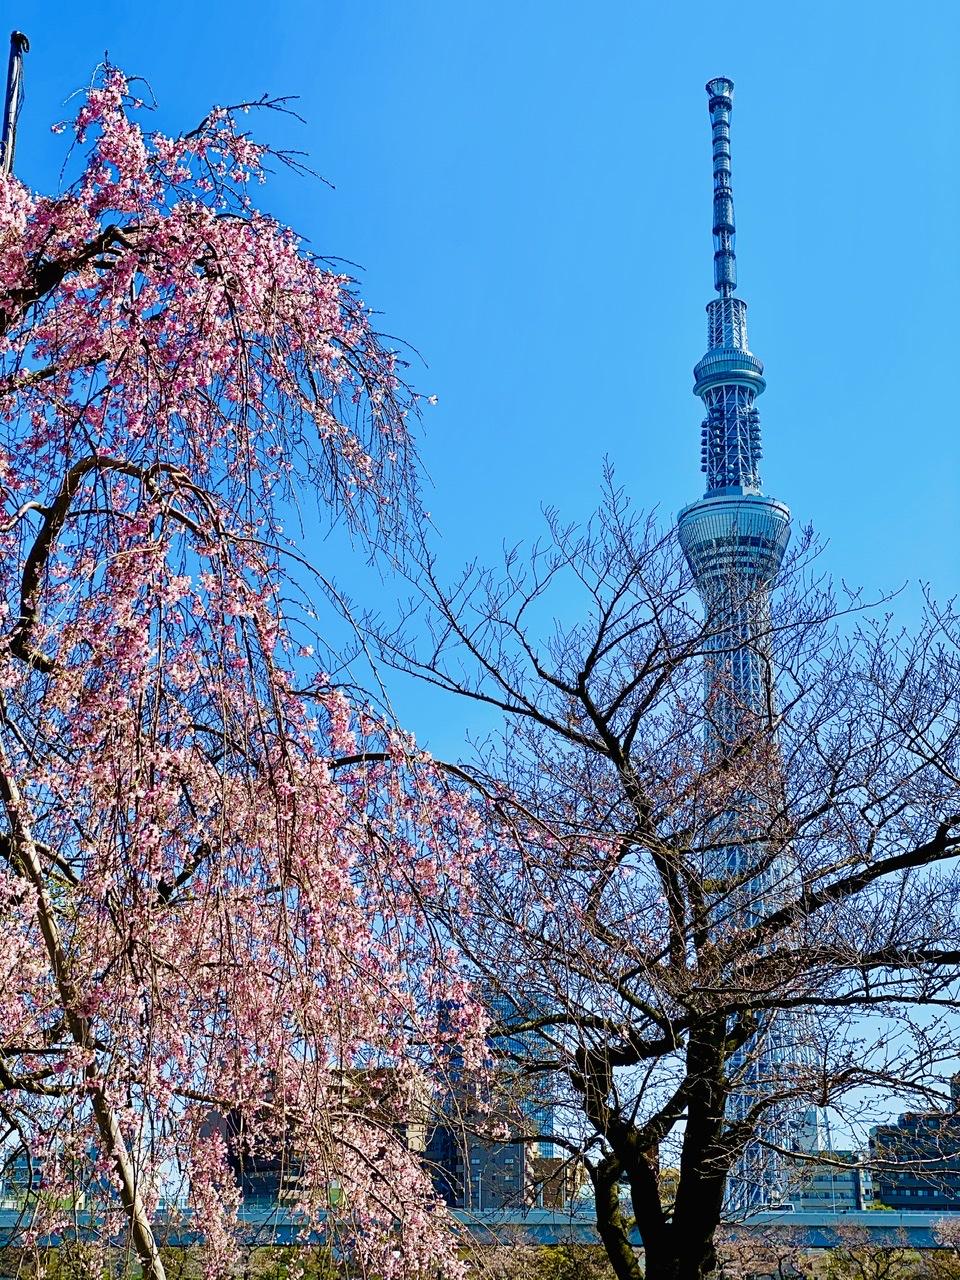 桜の名所・隅田公園はスカイツリーも! サンドイッチが絶品な、葉山のおしゃれカフェ【今週のモアハピ部ライフスタイル人気ランキング】_3